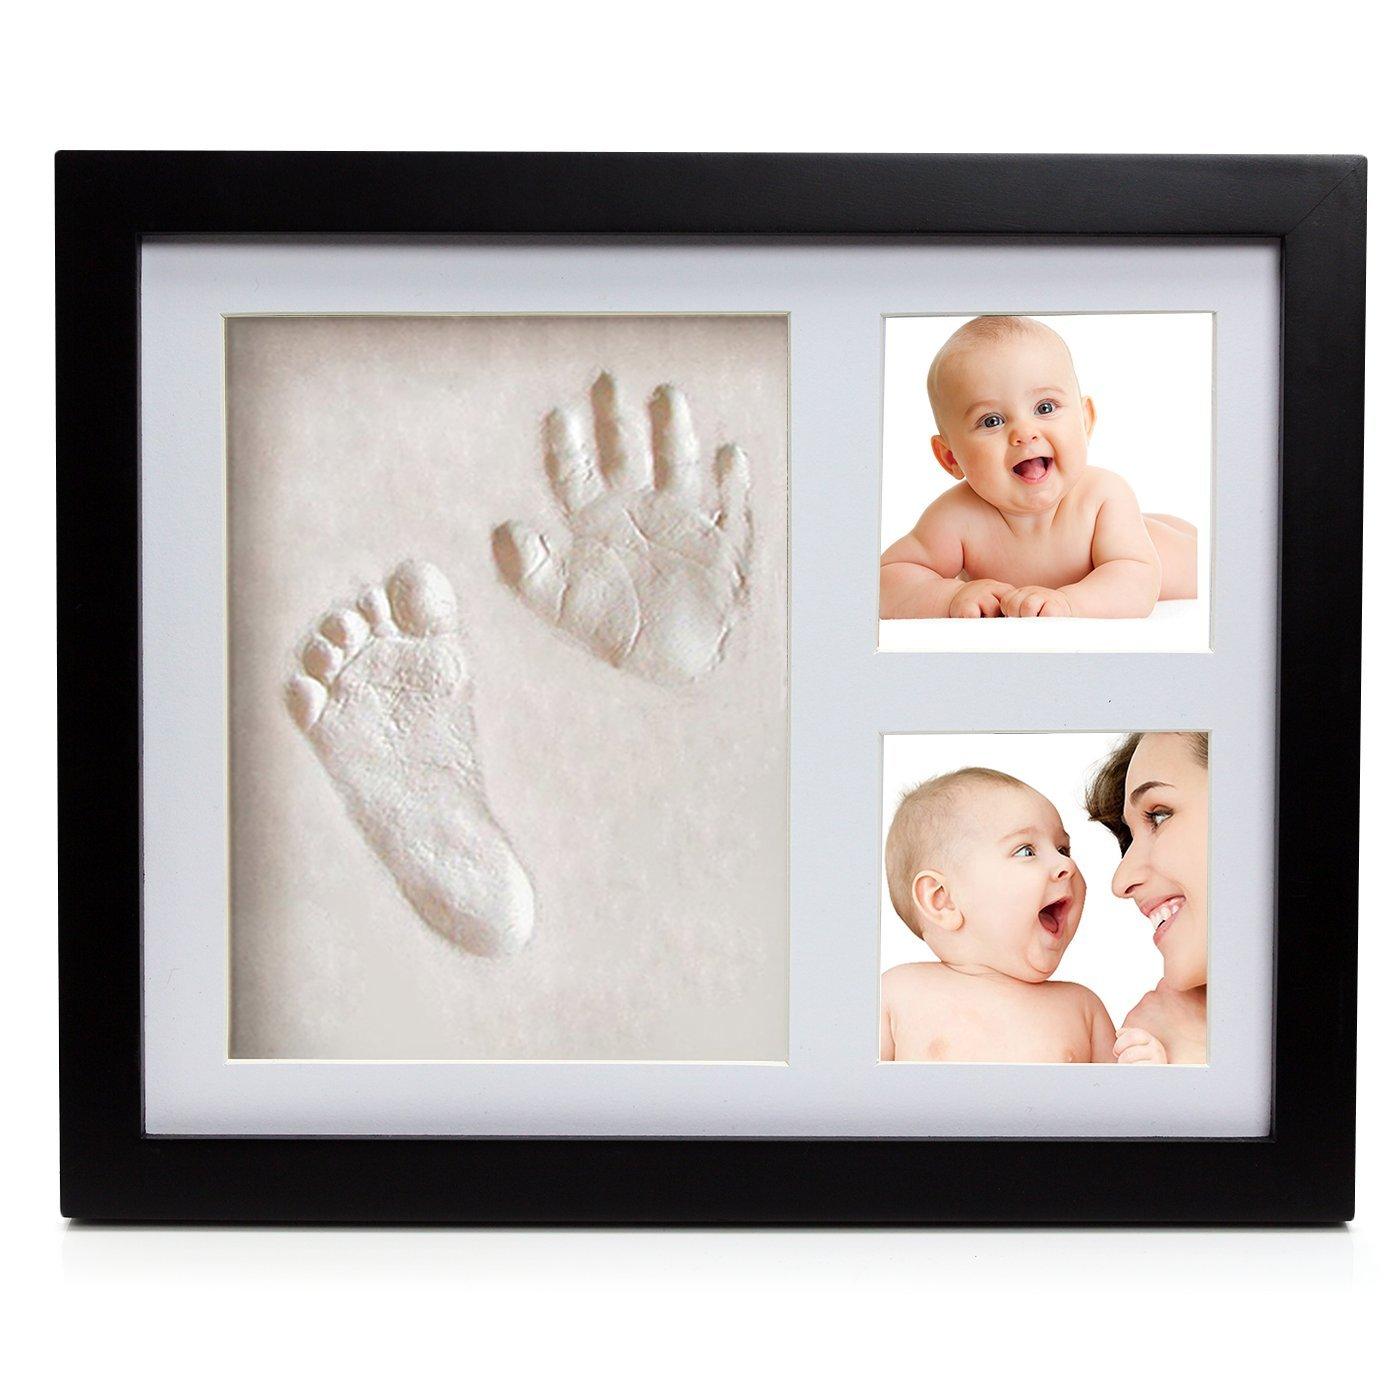 Kit de cadre photo moulage de pied et de main de bébé ® Babyboon | 4 COULEURS DANS UN PACK | Le souvenir idéal pour un cadeau de naissance ou de baptême | Empreinte parfaite des pieds et des mains – ESSAYEZ MAINTENANT ! (noir)